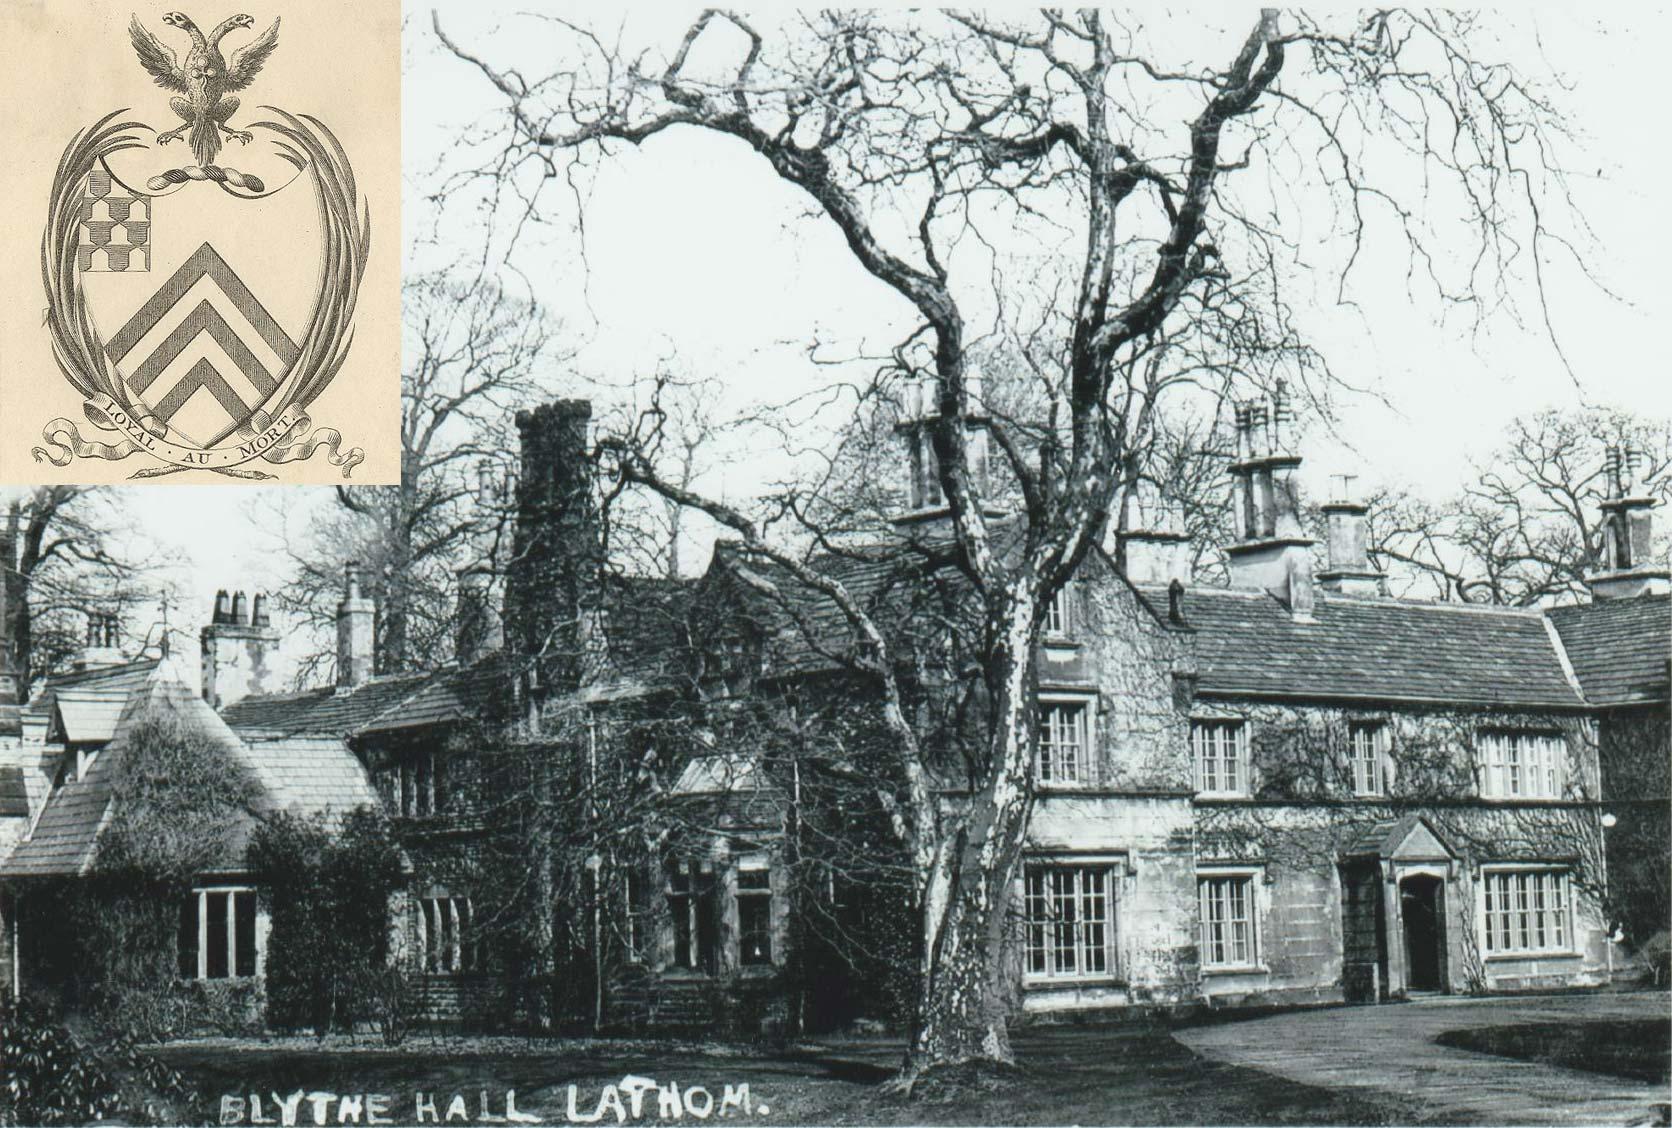 Blythe Hall